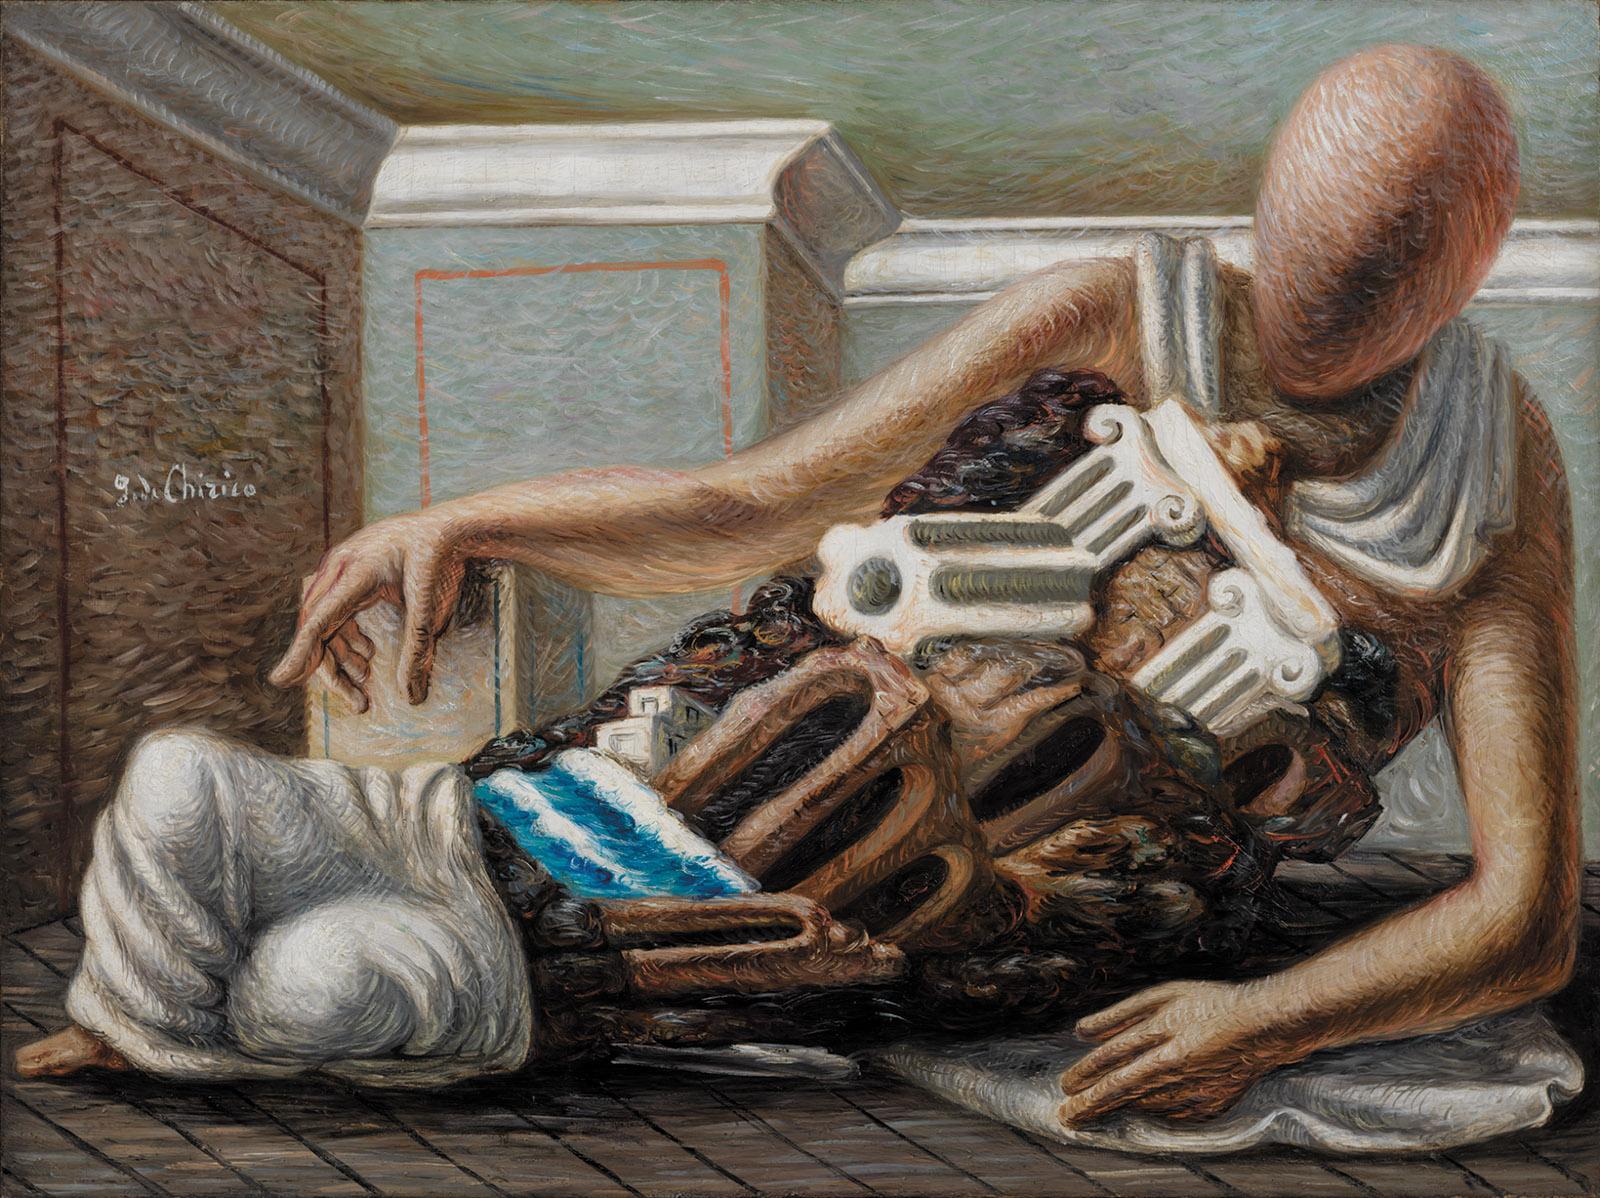 The Archaeologist by Giorgio de Chirico